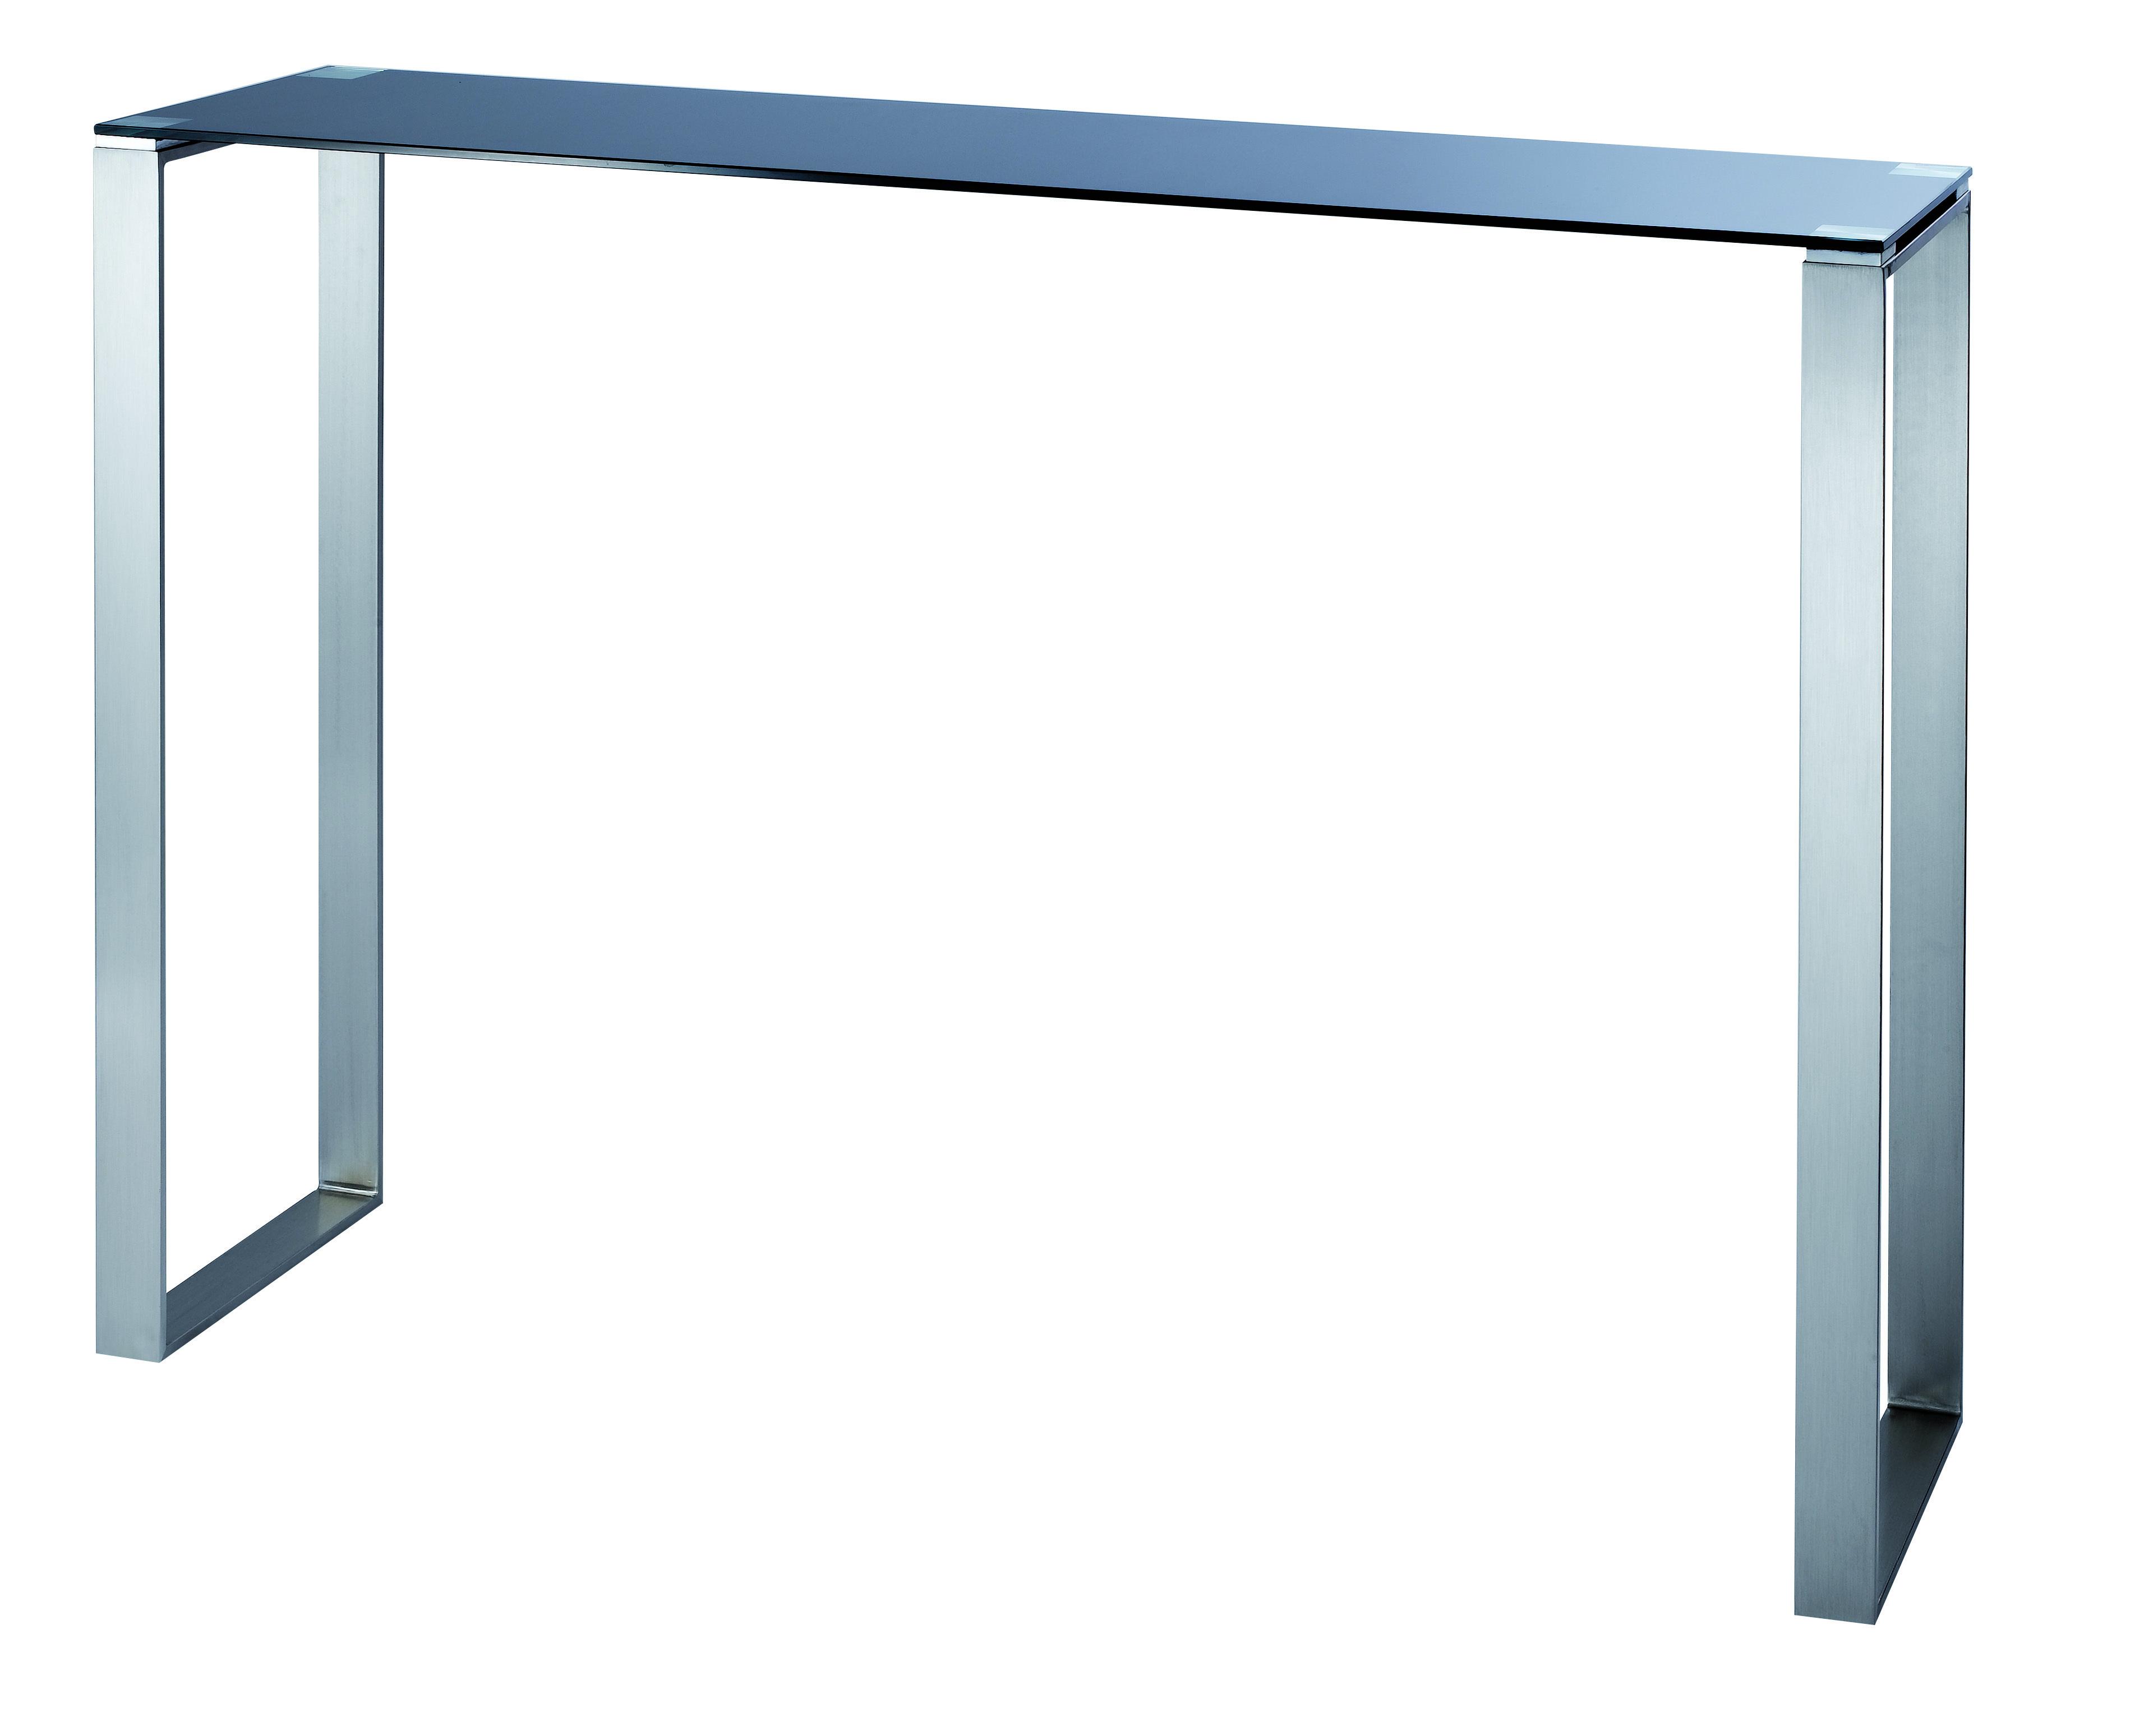 Schwarze moderne konsole inola aus glas und edelstahl for Moderne couchtische glas edelstahl